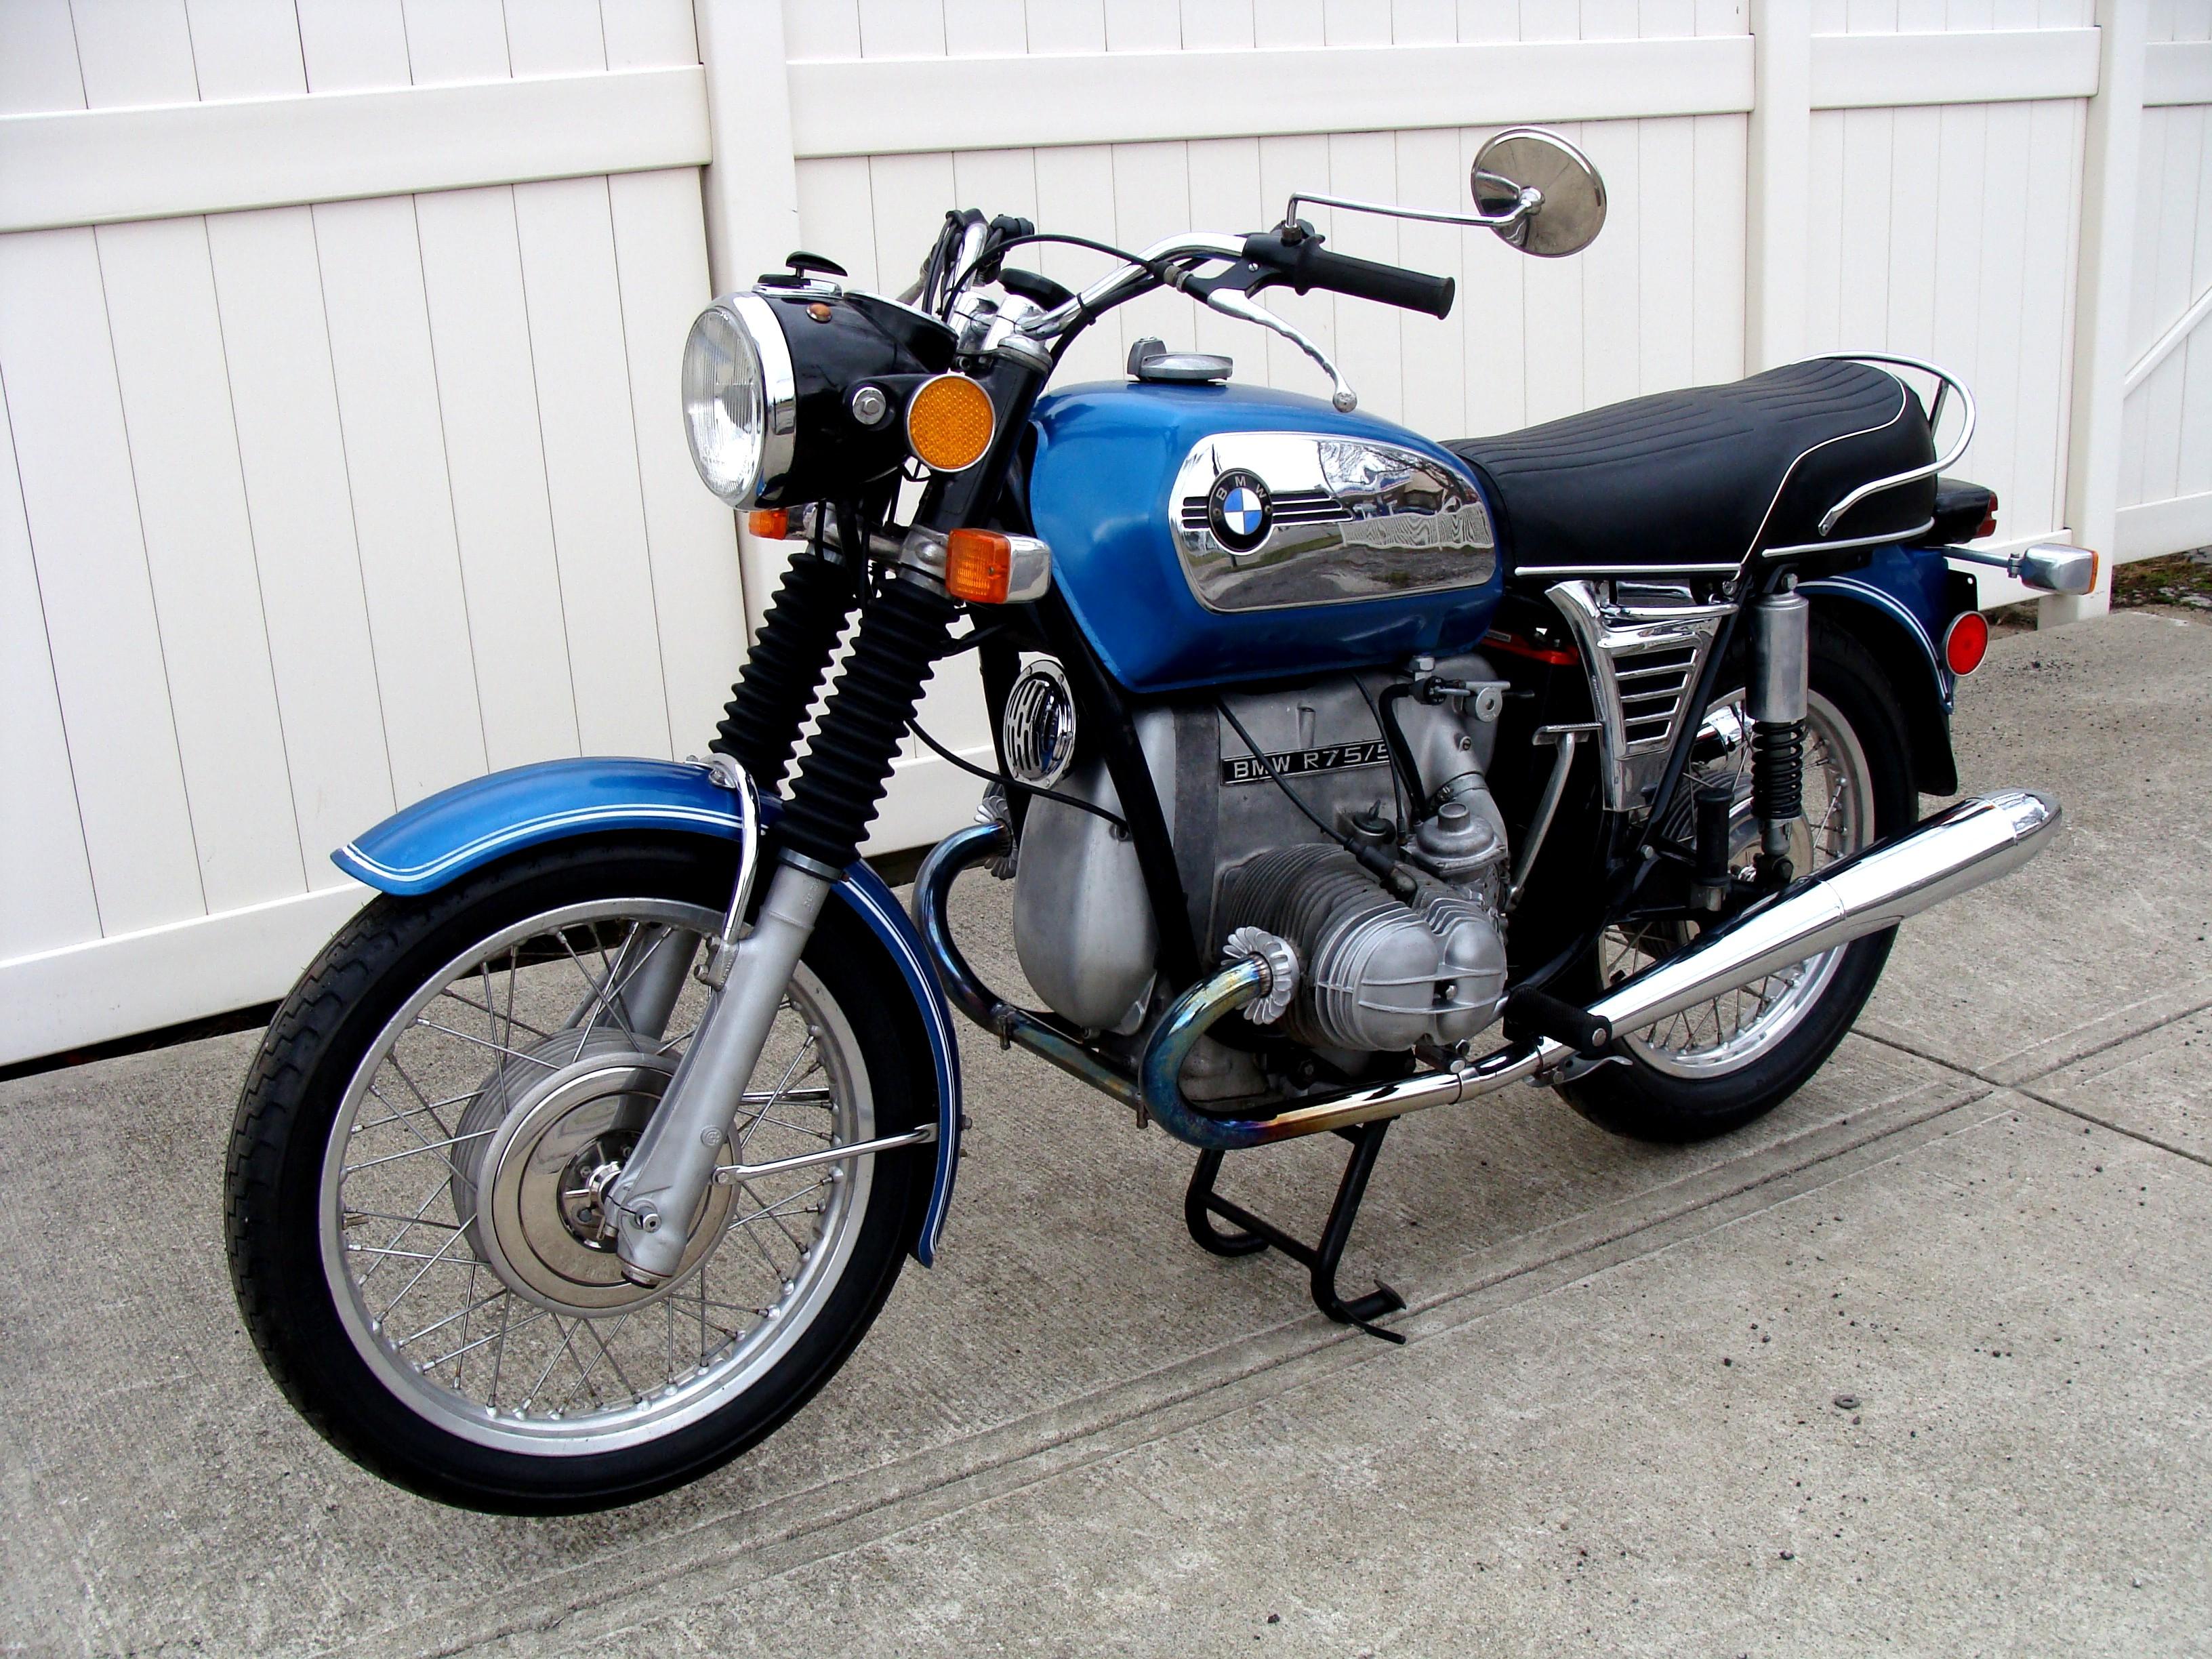 sold 1972 bmw r75 5 blue toaster 44 186 miles photo. Black Bedroom Furniture Sets. Home Design Ideas